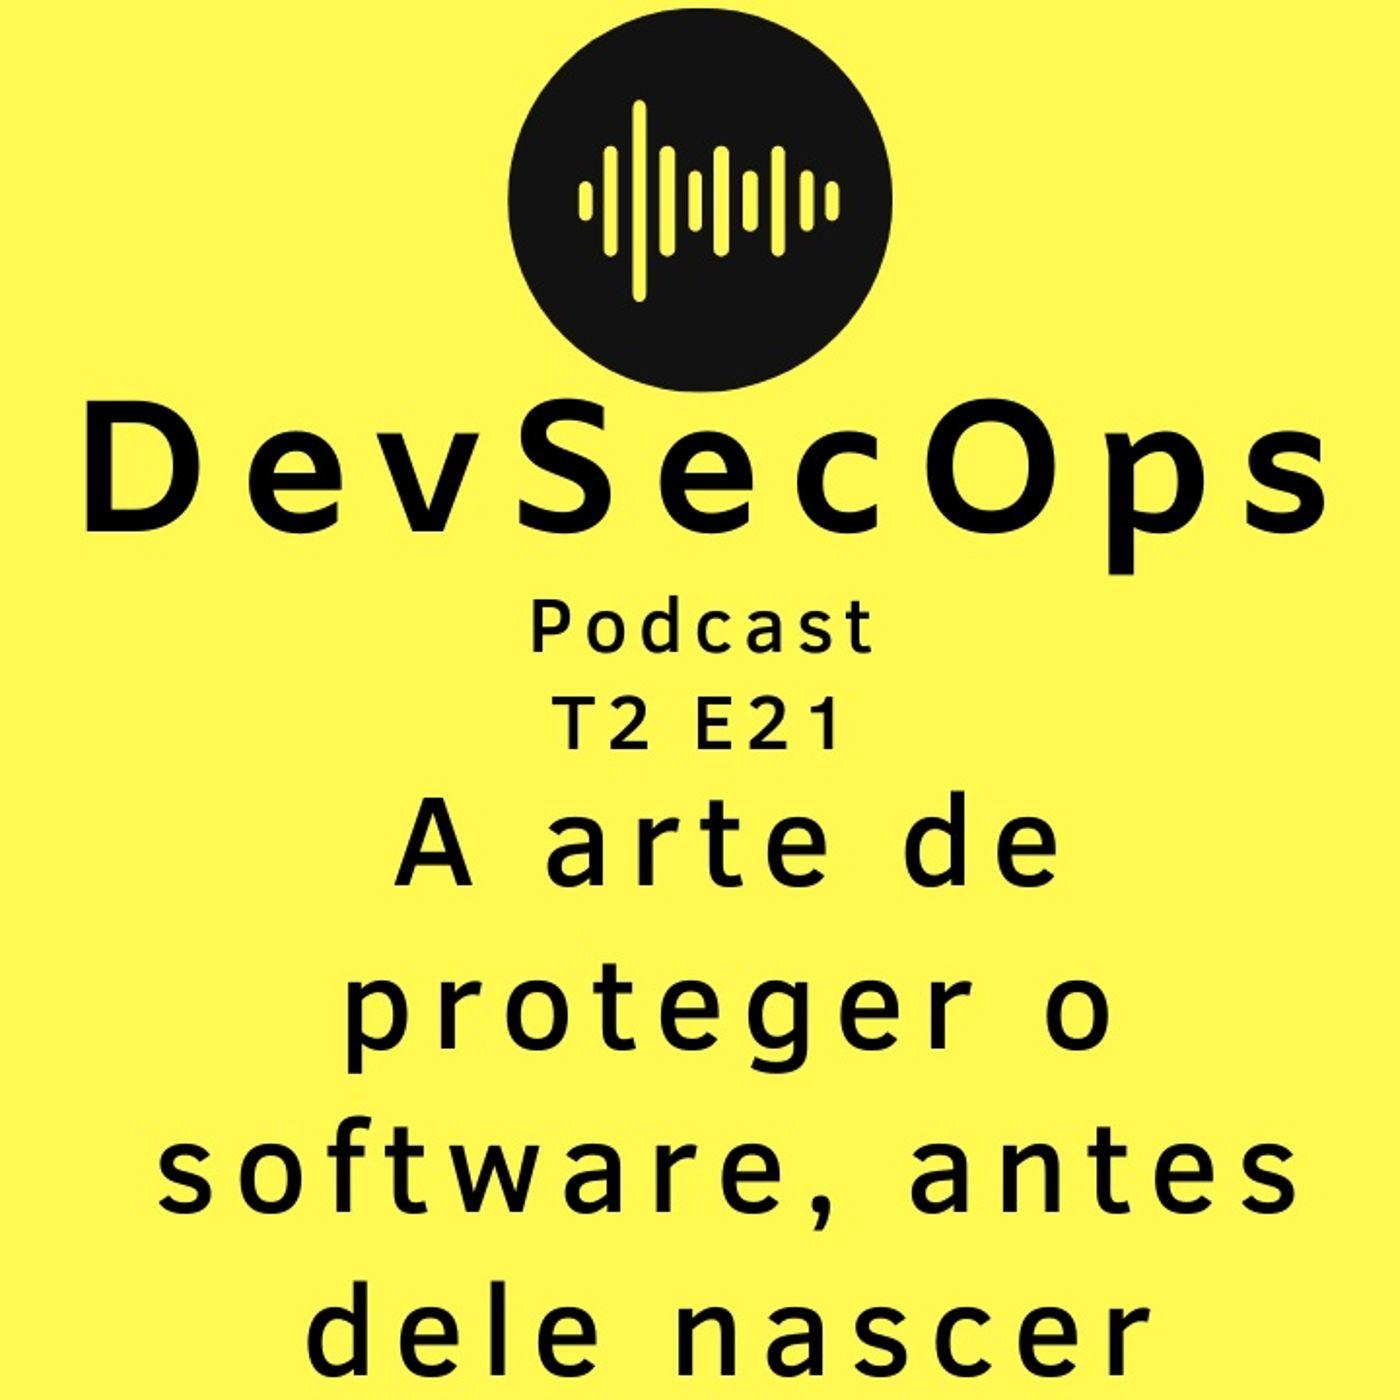 #21 - A arte de proteger o software, antes dele nascer